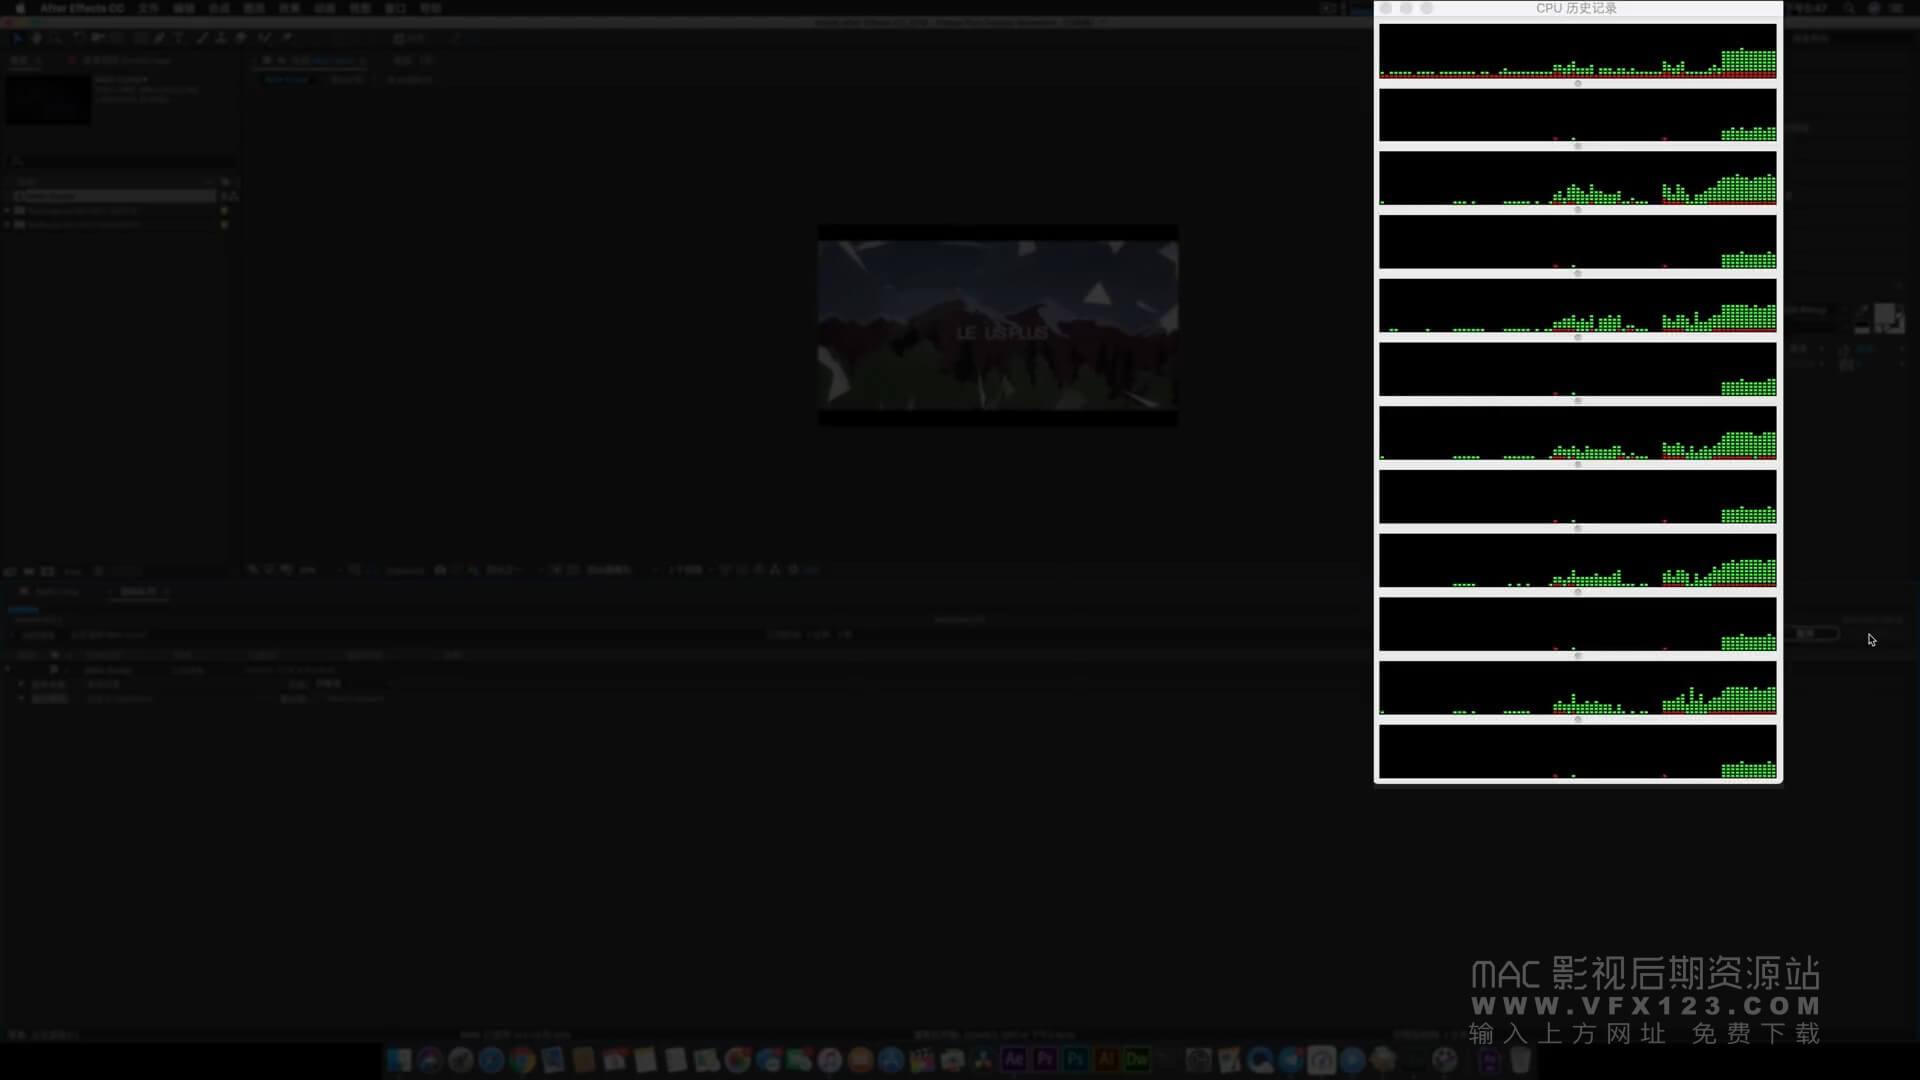 AE渲染加速设置方法 AE集群渲染 渲染速度质的提升 WIN和MAC通用